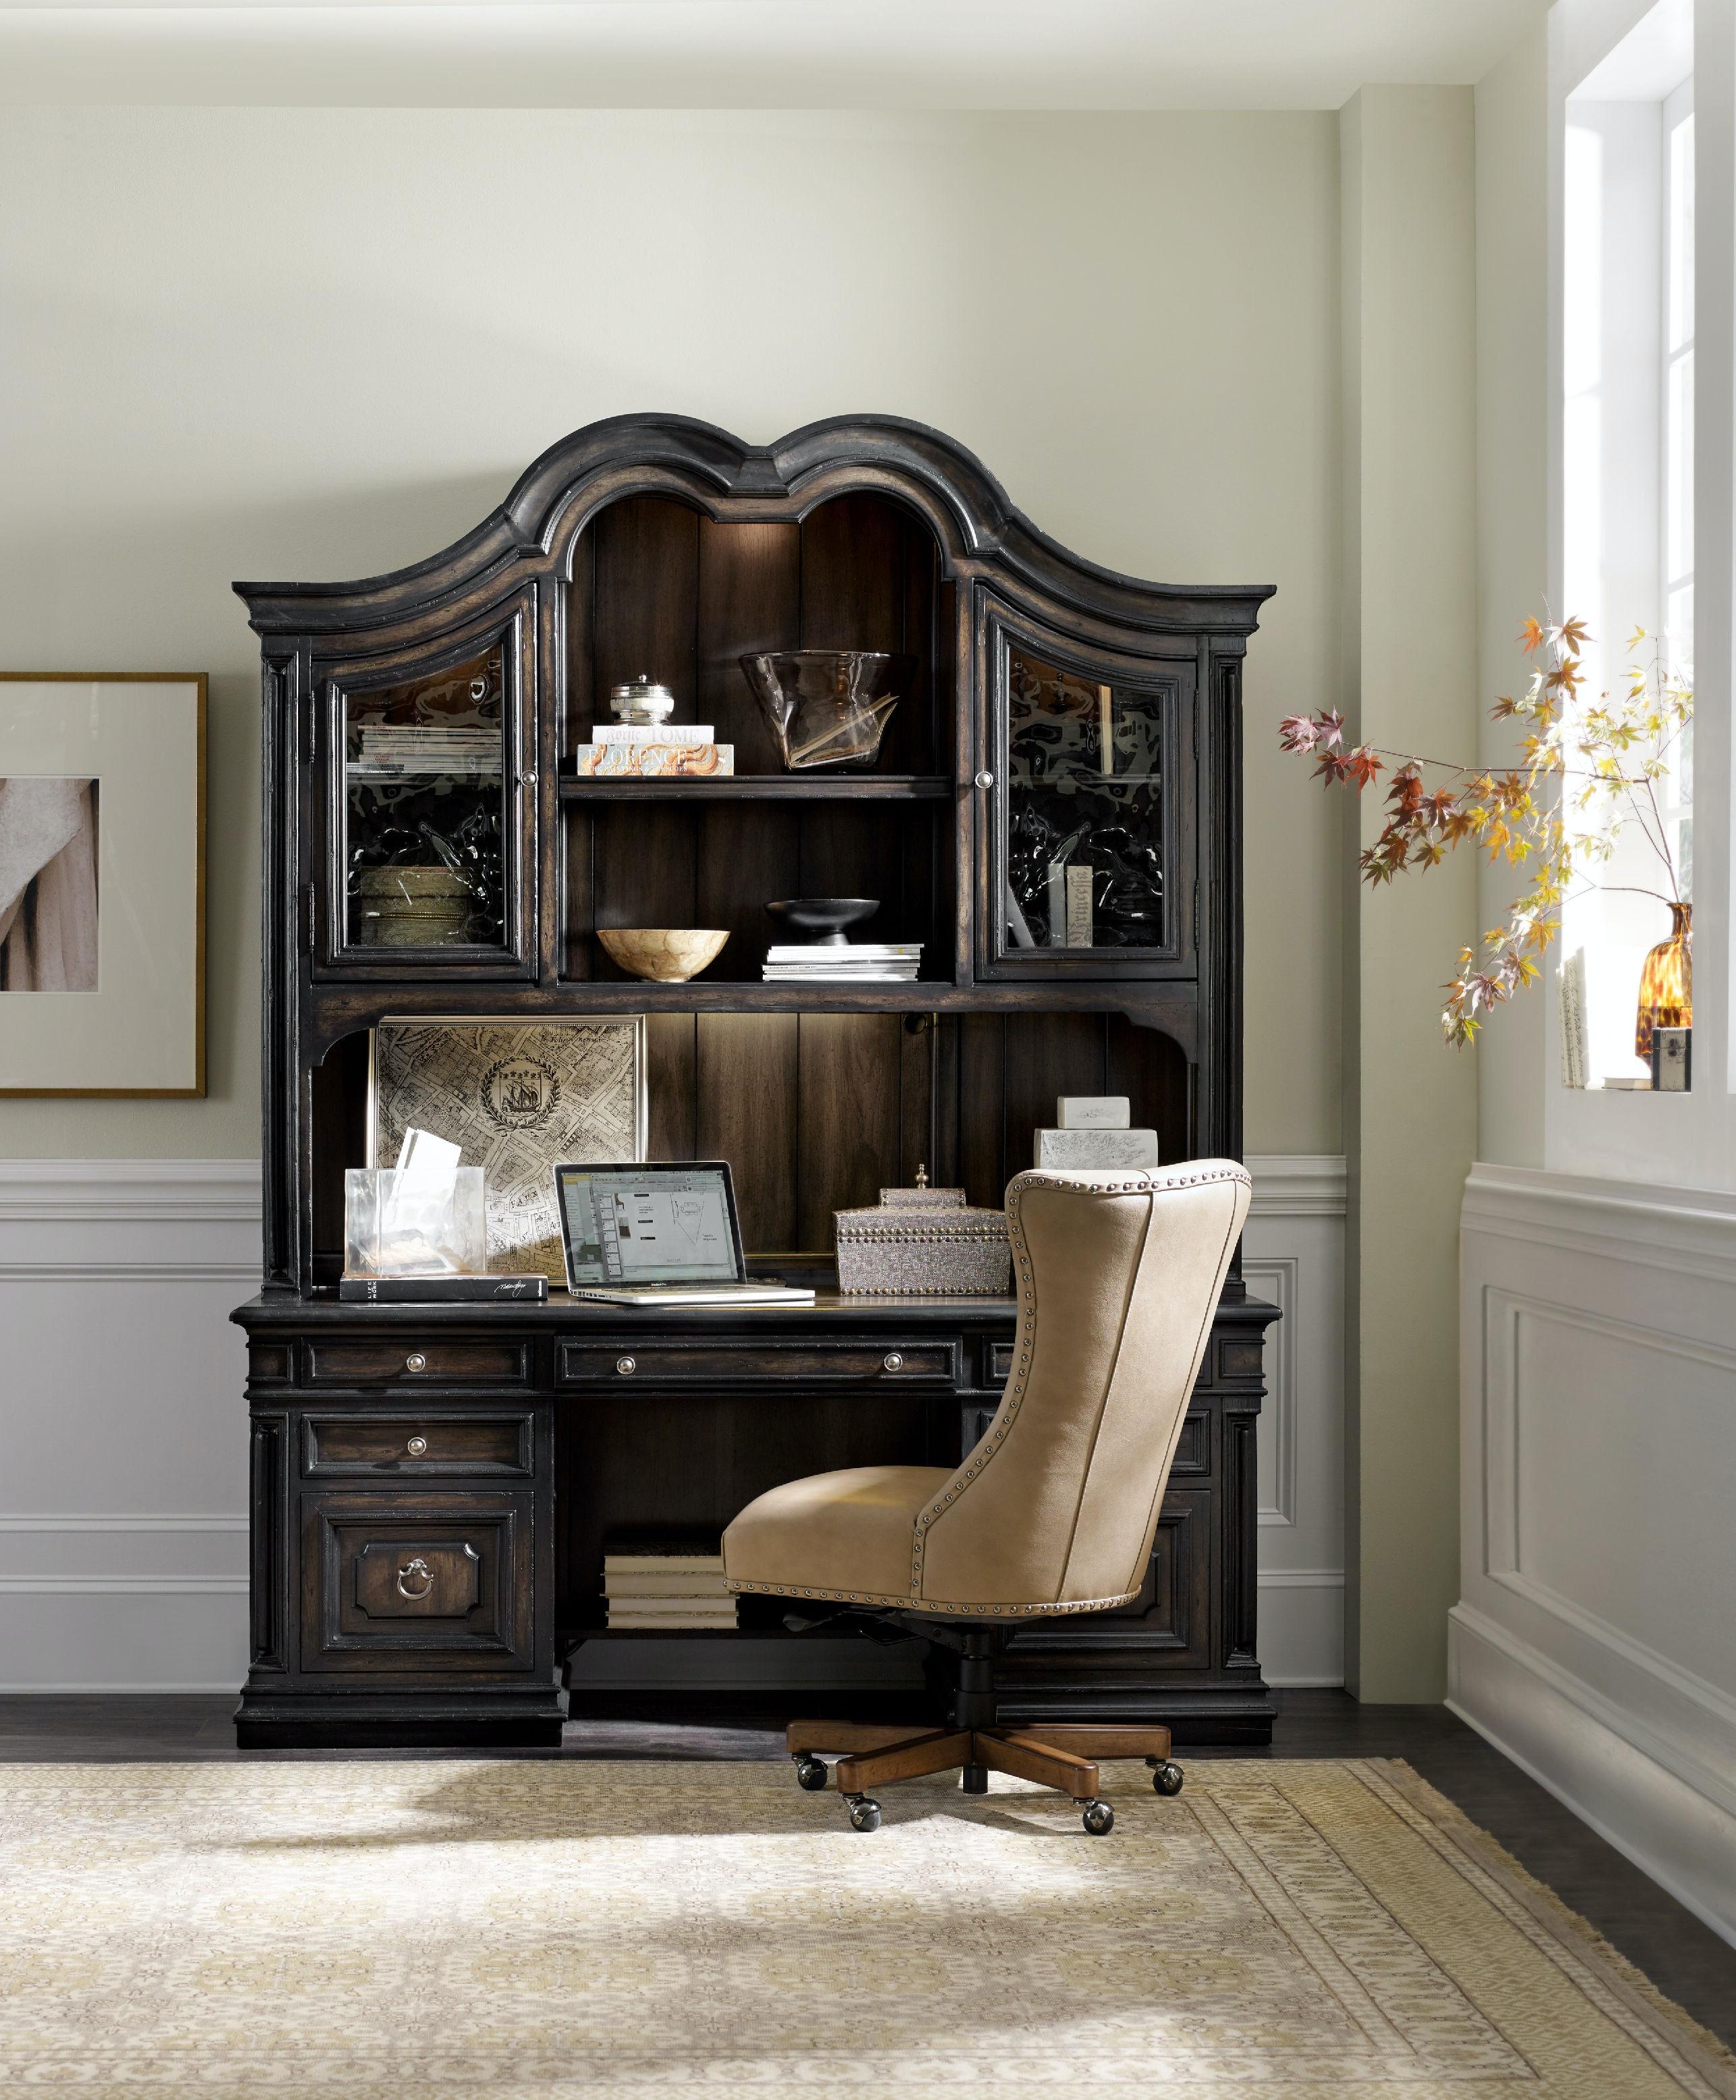 Hooker Furniture Lynn Home Office Chair EC483-083